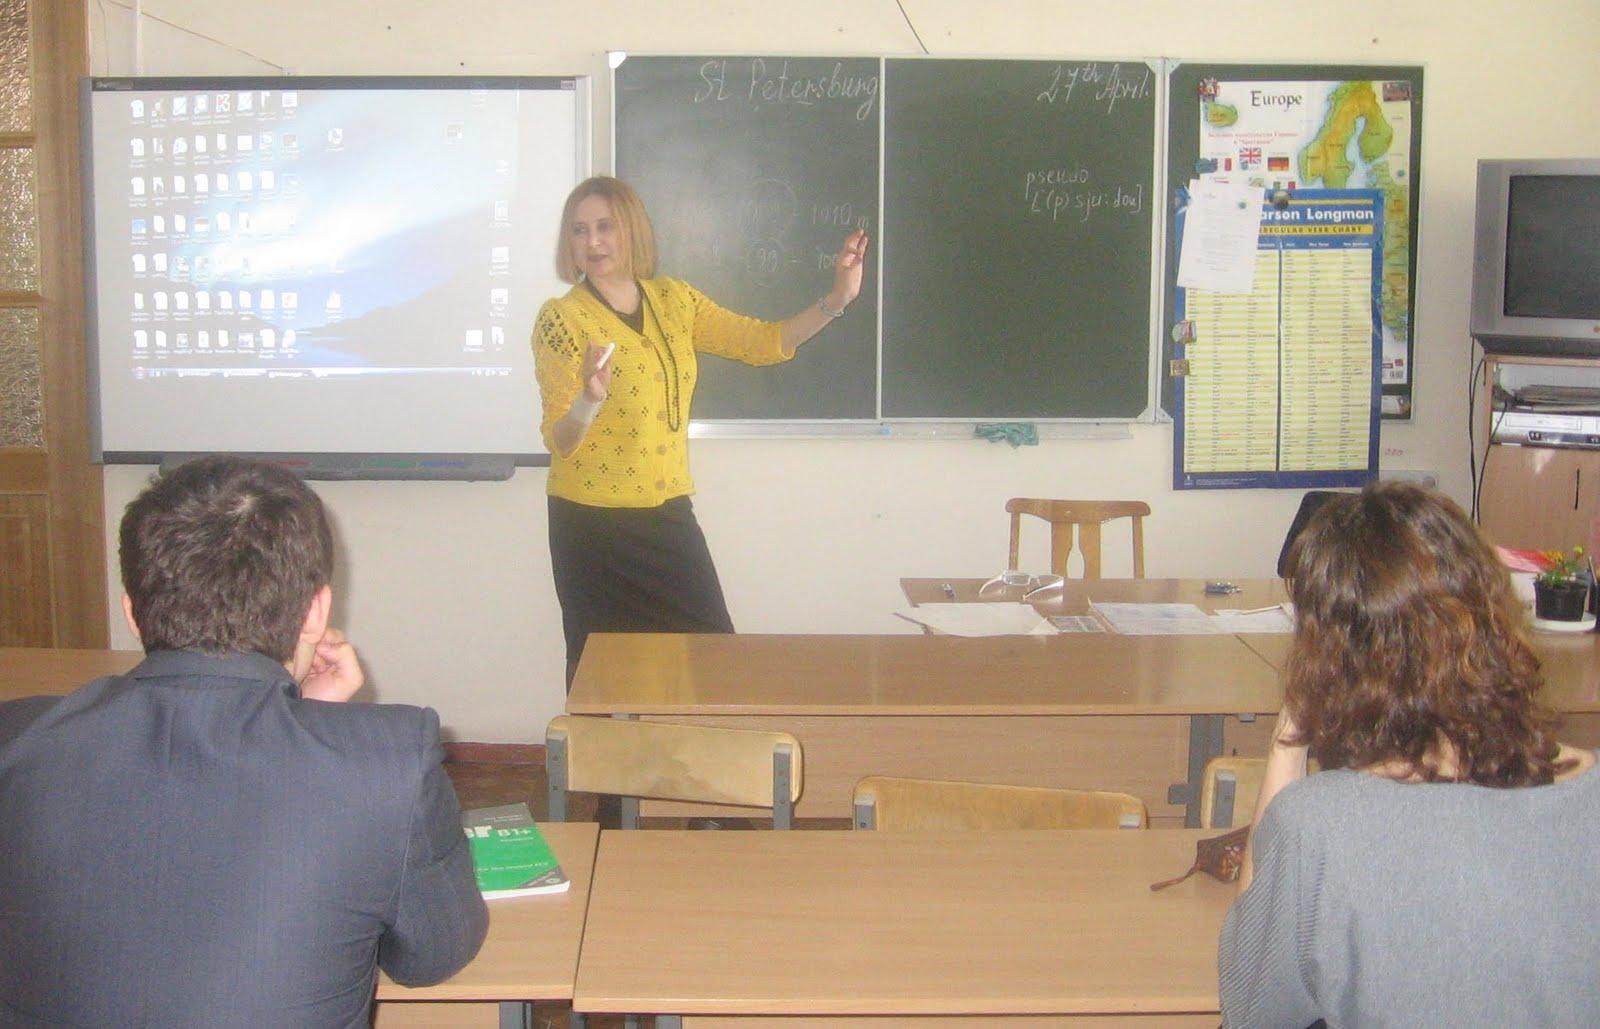 Снял учительницу на уроке на мобильный телефон под юбкой 18 фотография